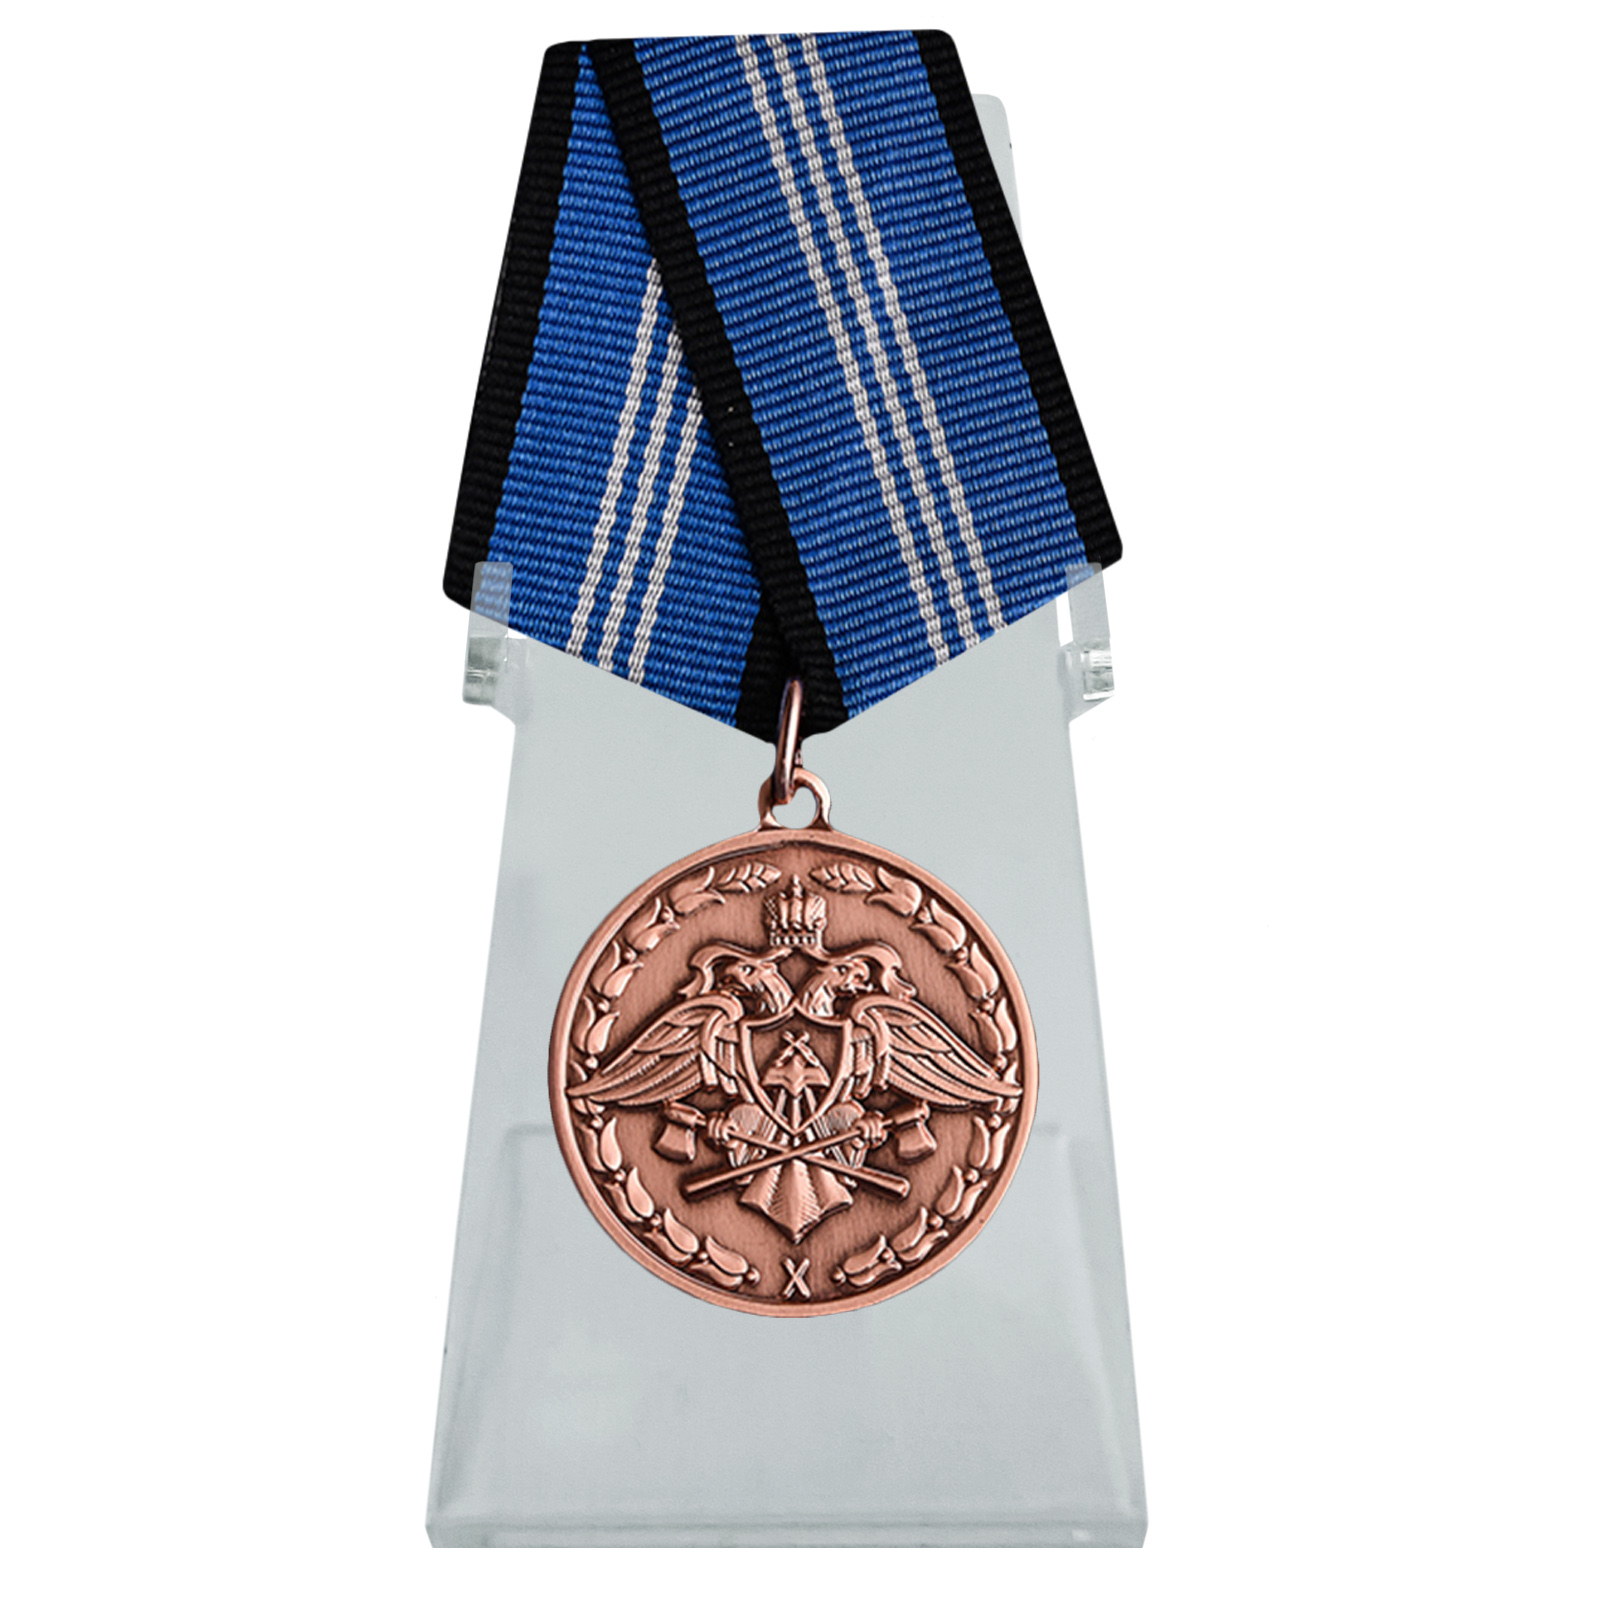 Медаль За безупречную службу 3 степени (Спецстрой) на подставке